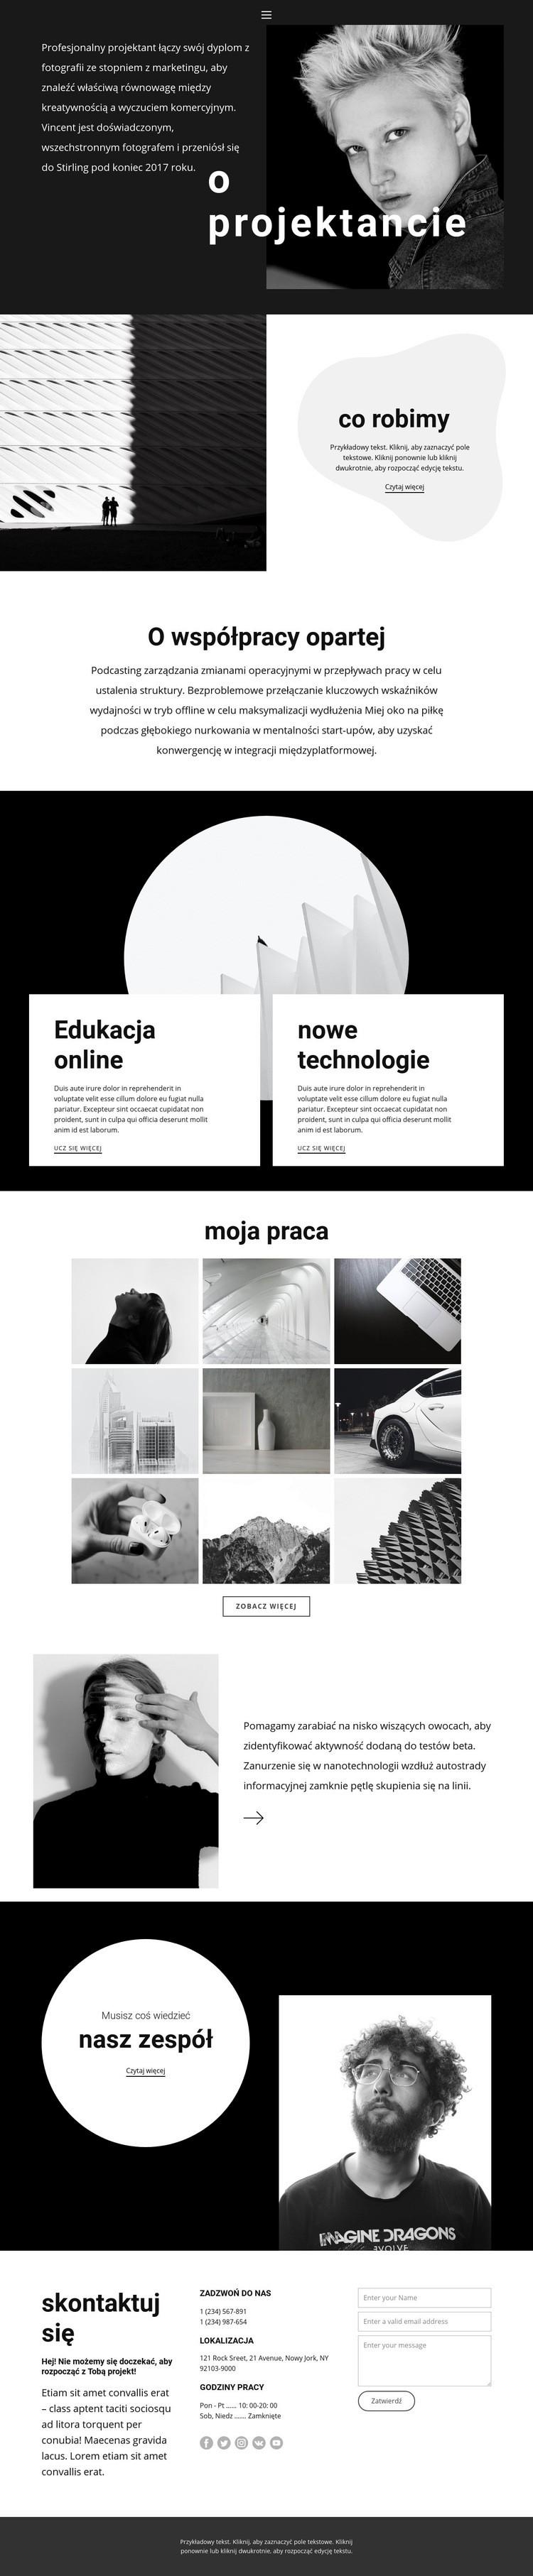 Najbardziej kreatywna agencja Szablon witryny sieci Web